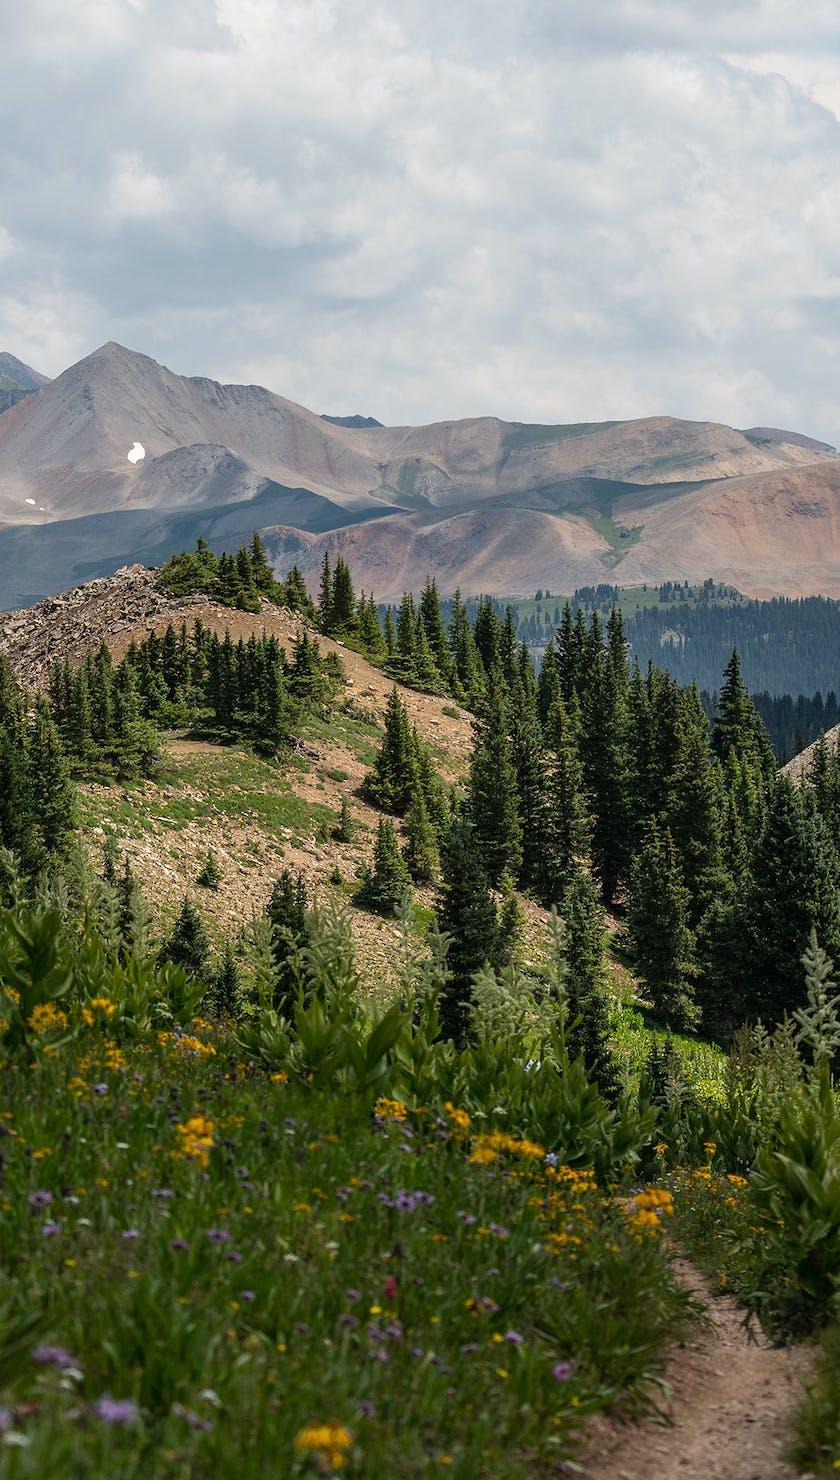 Durango Gathering 21 - Mountains